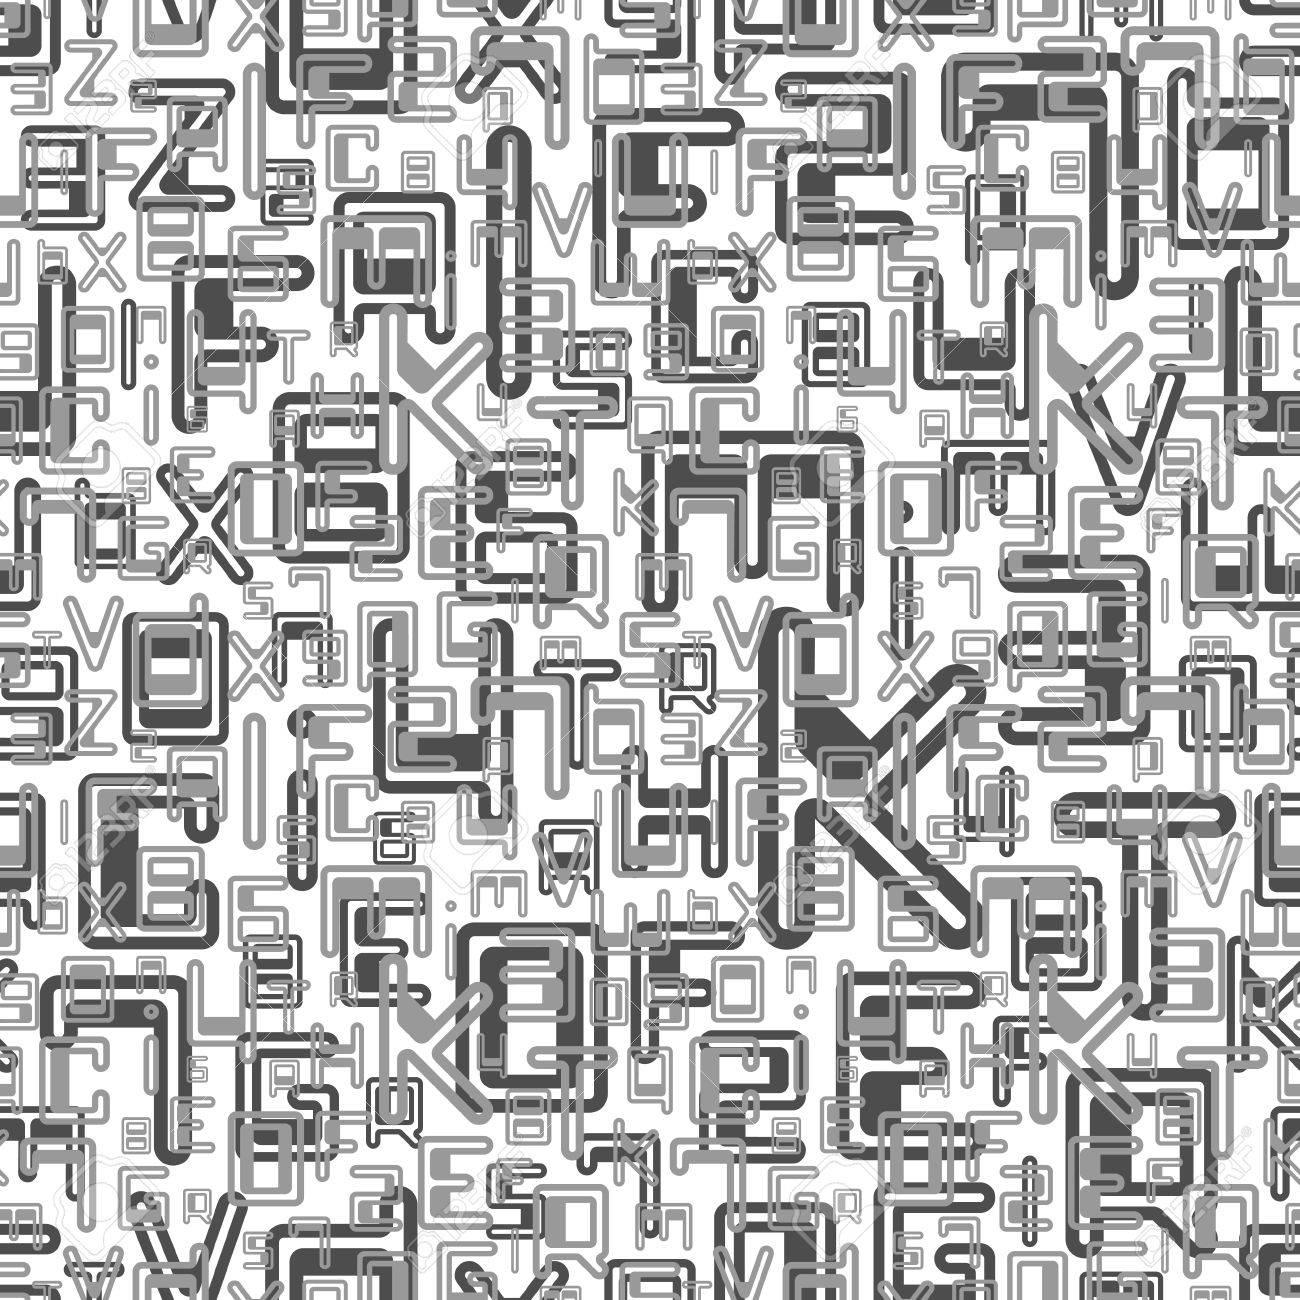 Carta Da Parati Lettere Alfabeto.Vettoriale Astratto Senza Soluzione Di Continuita Con Le